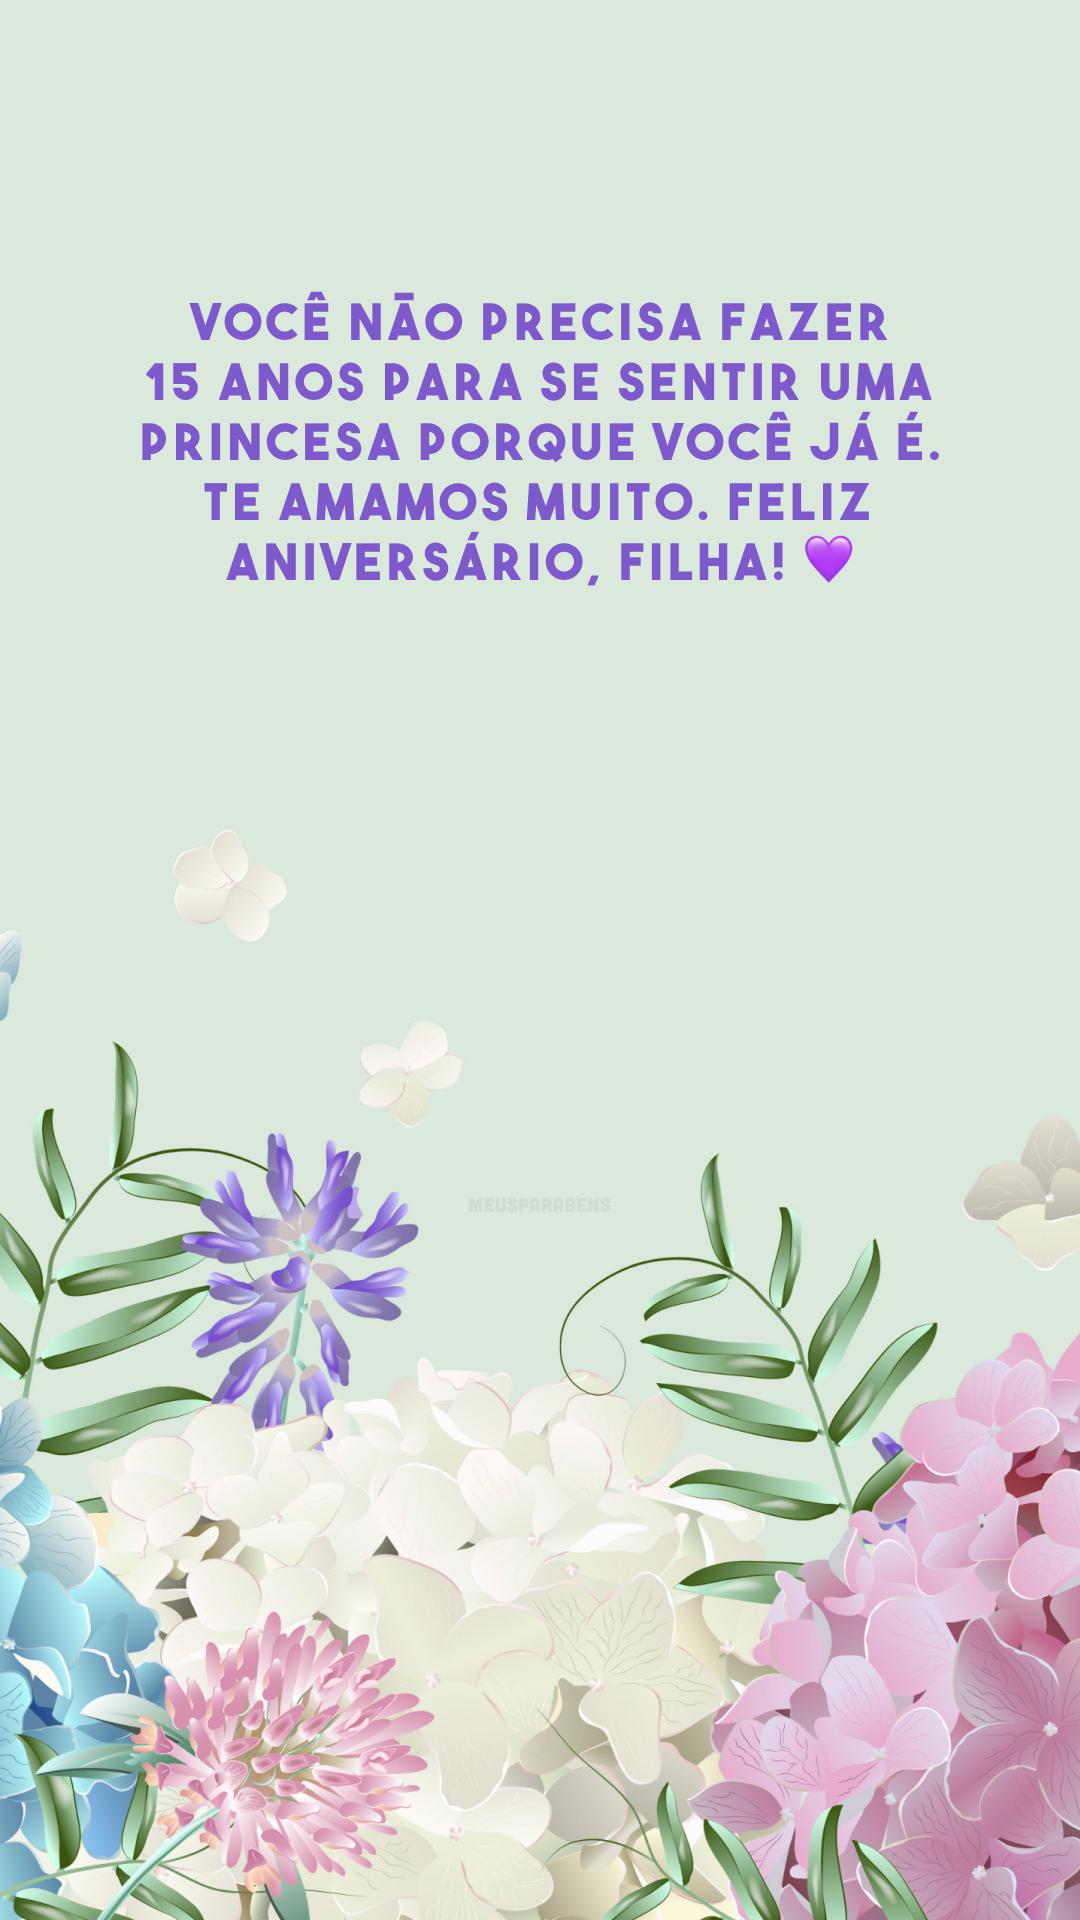 Você não precisa fazer 15 anos para se sentir uma princesa porque você já é. Te amamos muito. Feliz aniversário, filha! 💜